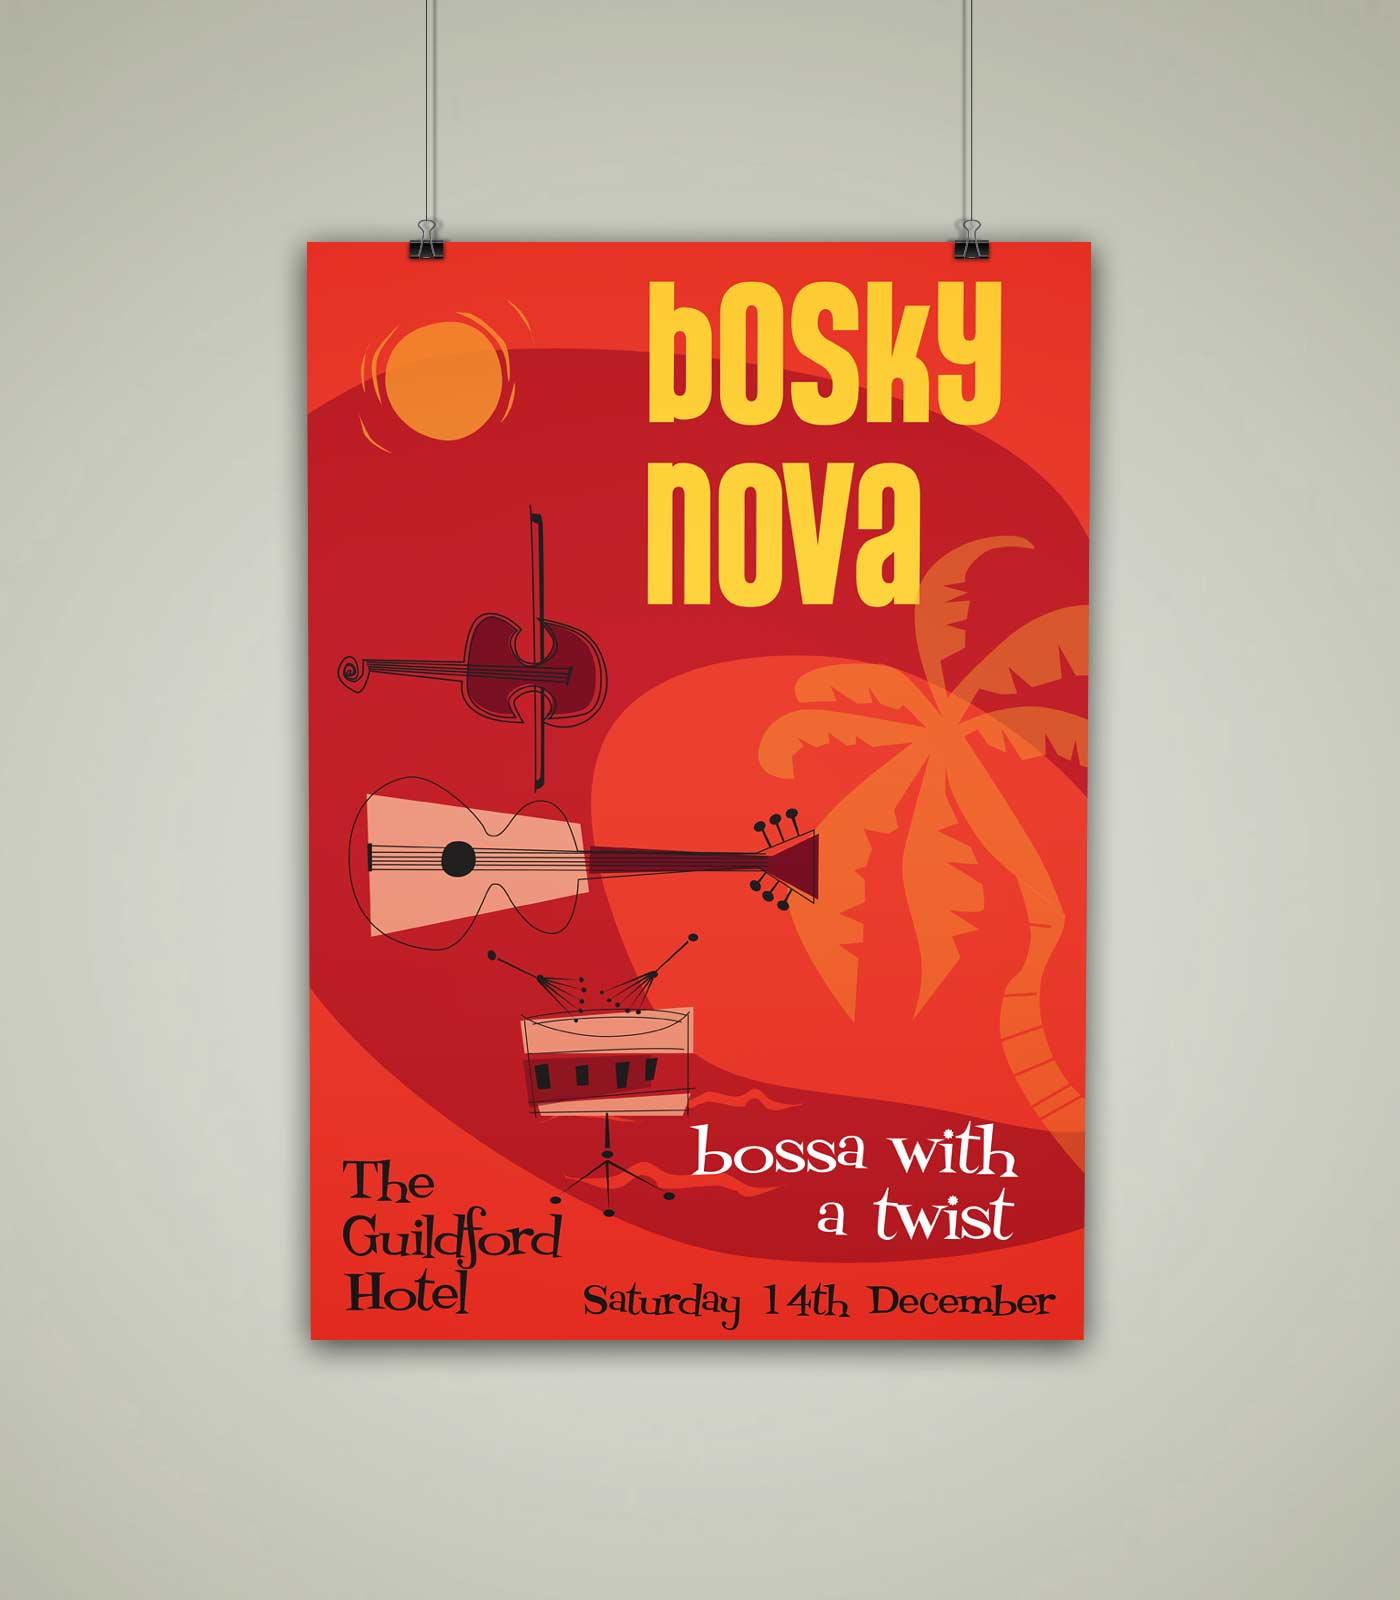 bosky nova band gig poster